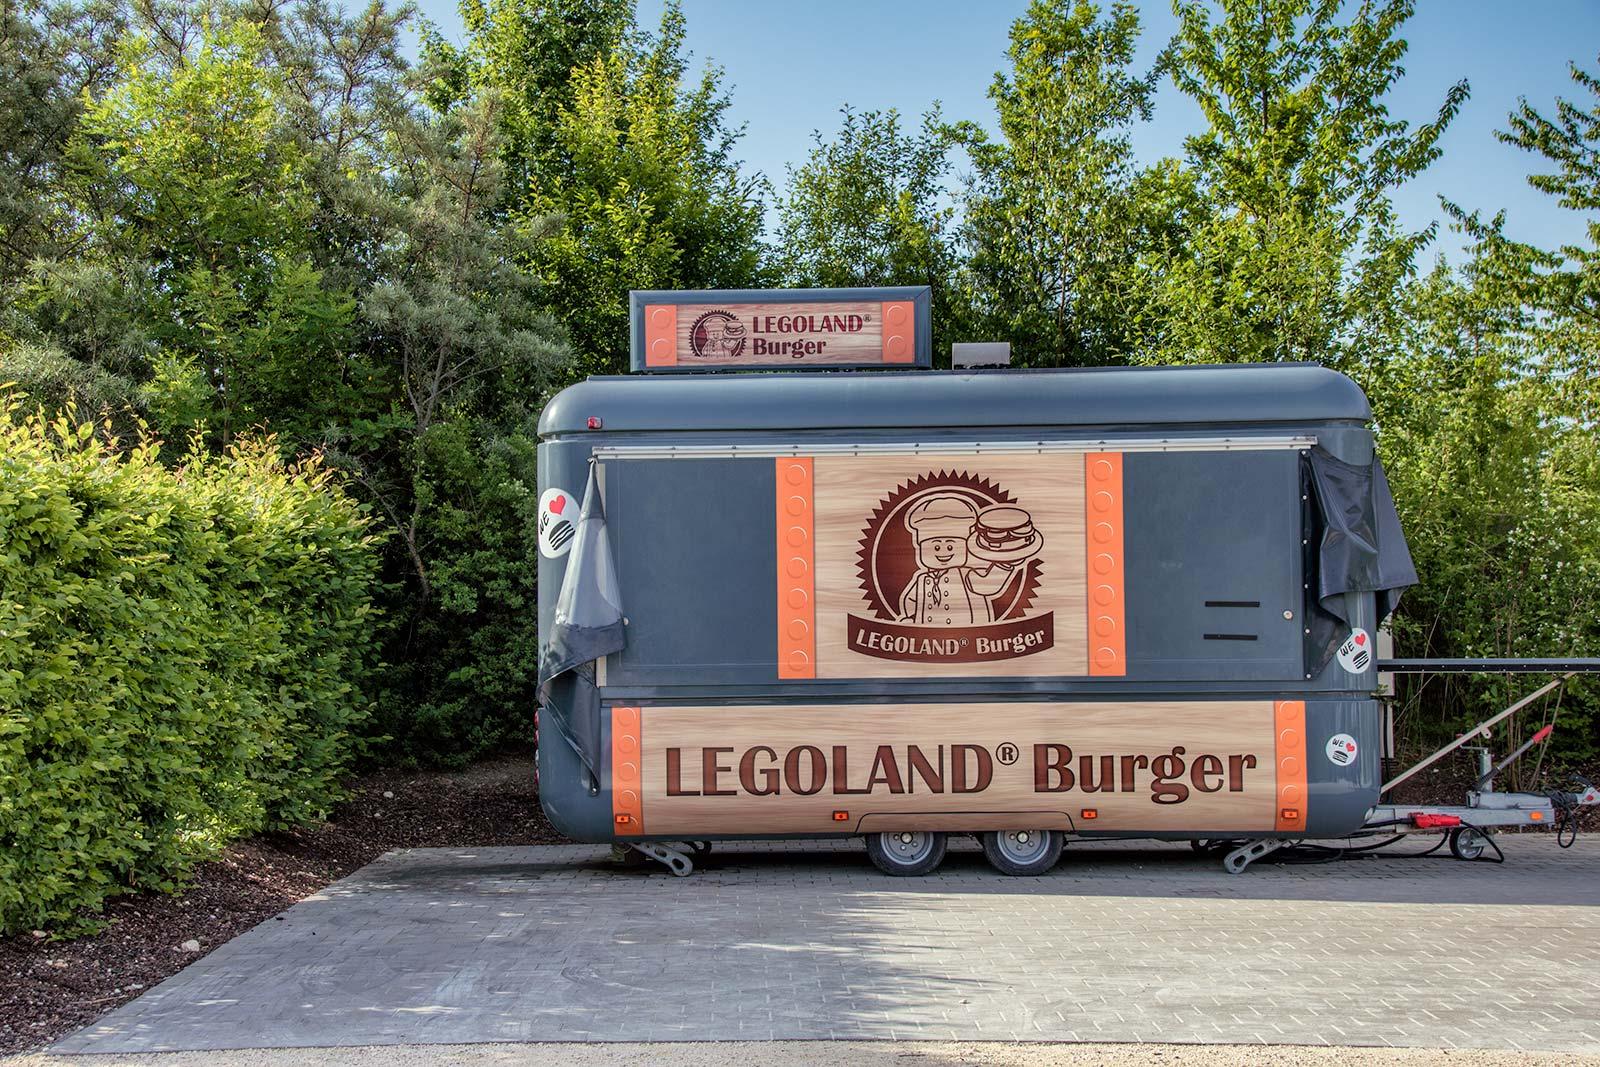 Legoland Burger